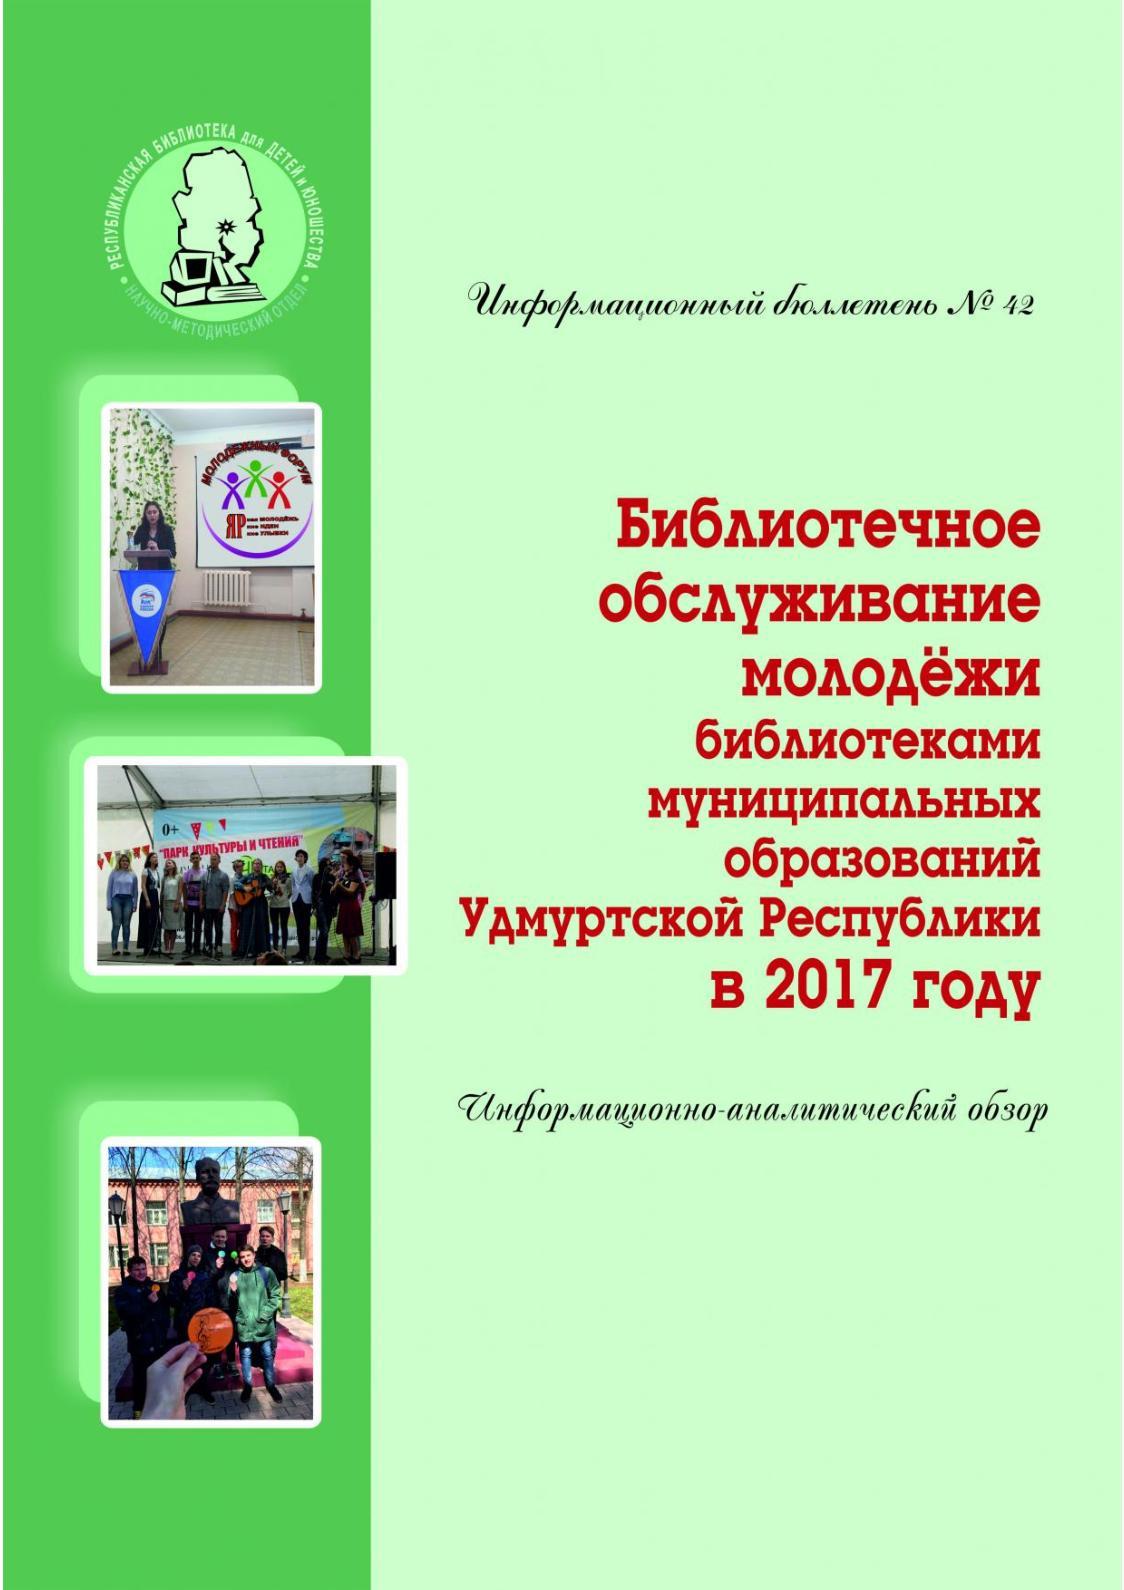 bbfbeb5d7801 Calaméo - Информационно-аналитический обзор «Библиотечное обслуживание  молодежи библиотеками муниципальных образований Удмуртской Республики в  2017 году»